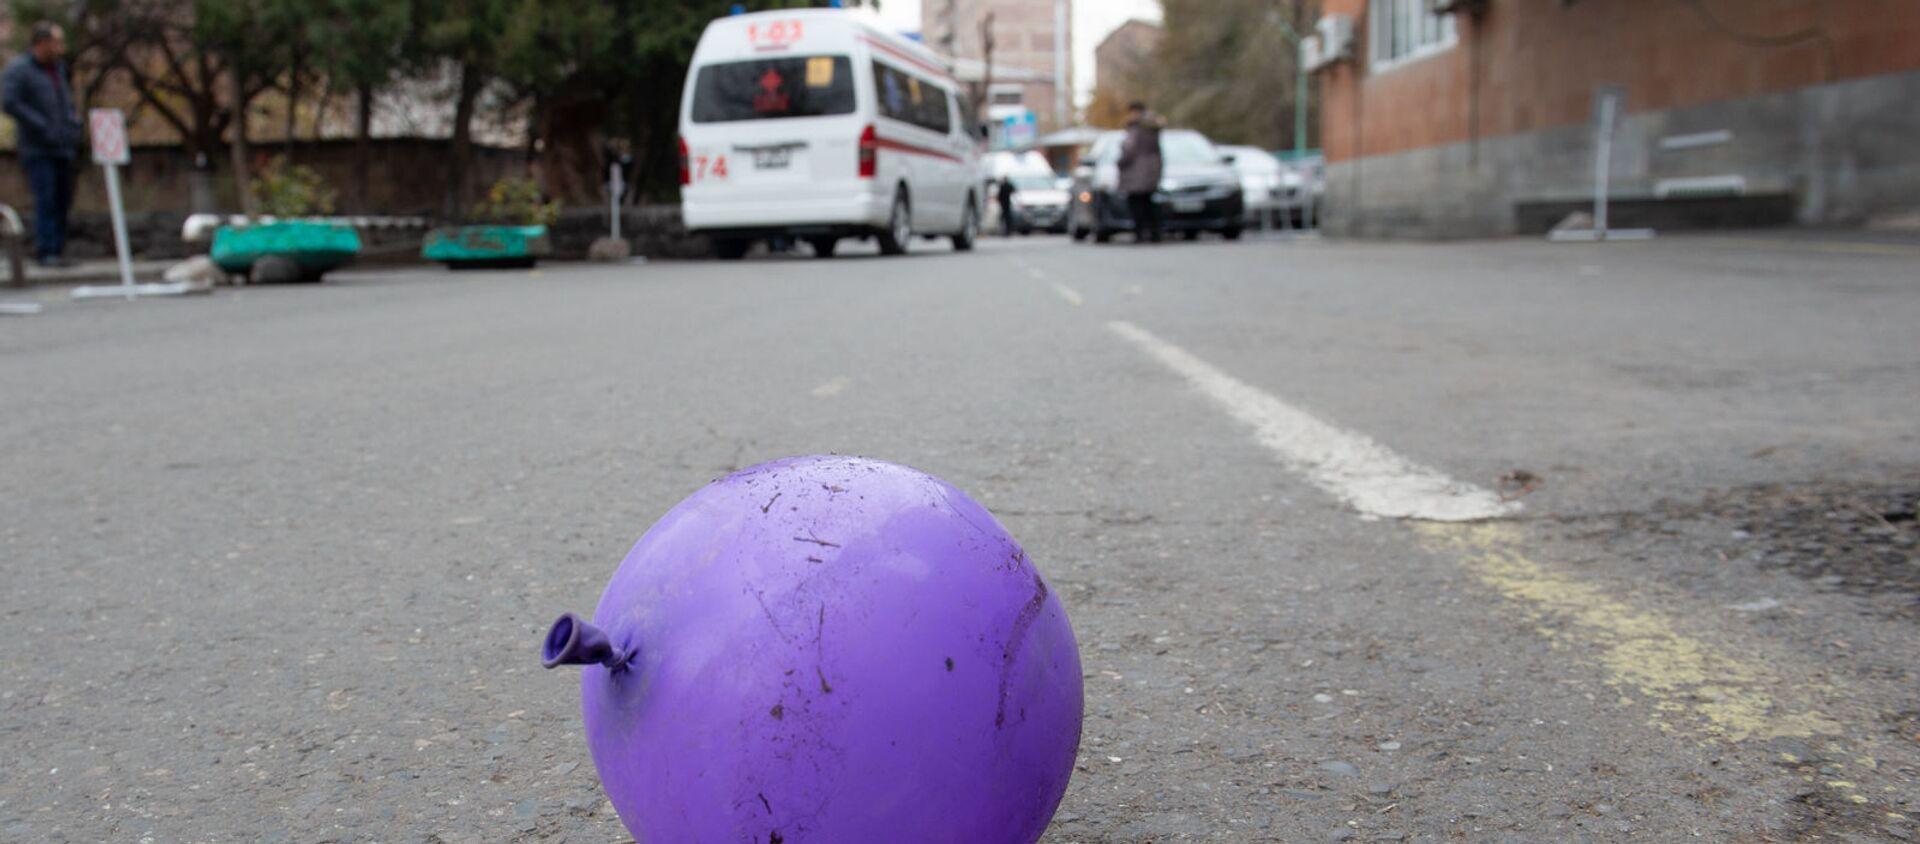 Заброшенный воздушный шарик у медицинского центра Сурб Асвацамайр - Sputnik Արմենիա, 1920, 23.08.2021